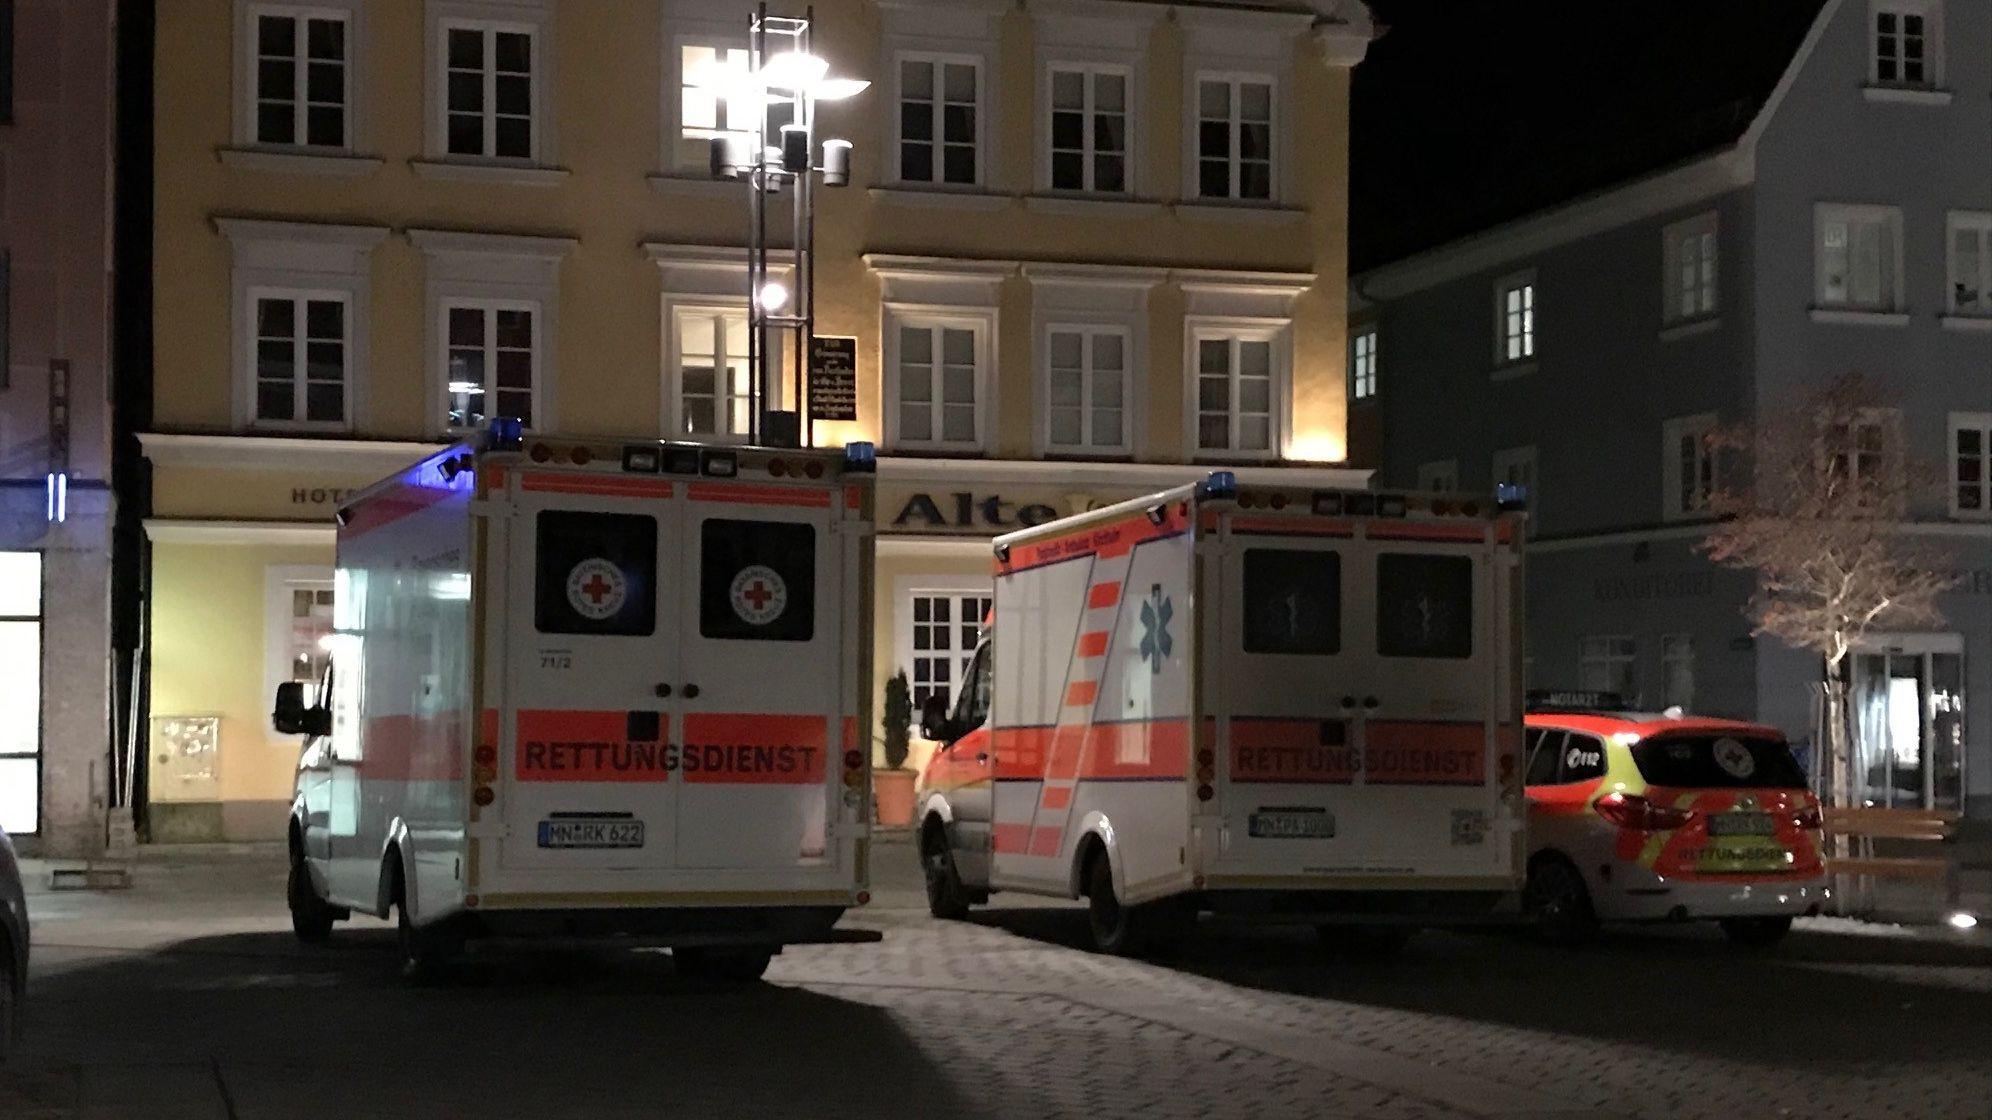 In der Altstadt von Mindelheim ist nach einer Bombendrohung ein Großeinsatz von Polizei, Rettungskräften und Feuerwehr im Gange.